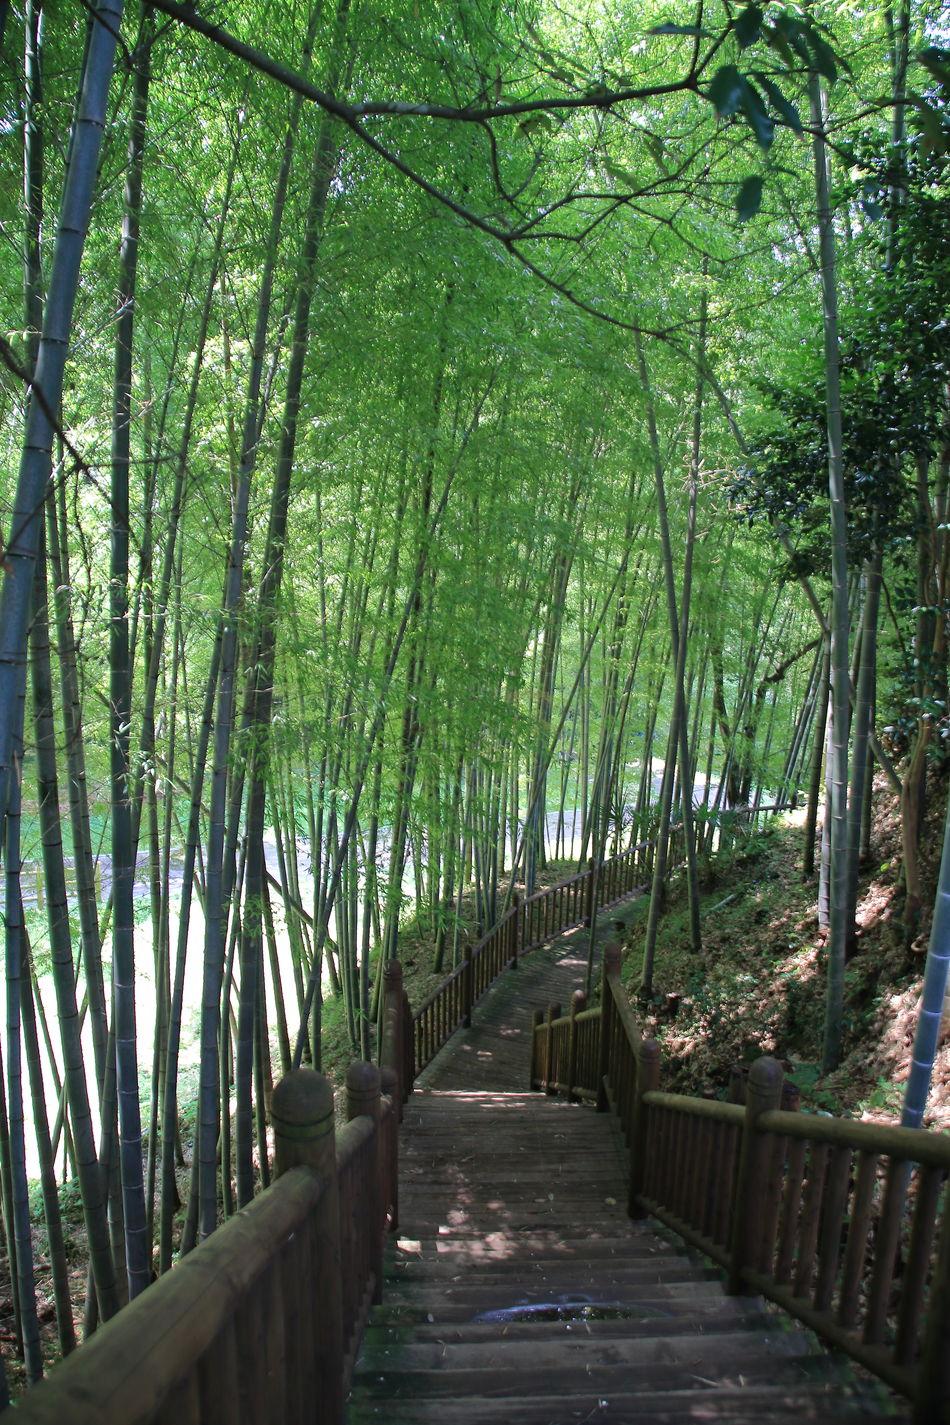 夏の竹林 鹿児島県湧水町 Bamboo Forest From My Point Of View Catch The Moment Landscape Outdoors Beauty In Nature My Fevorite Place